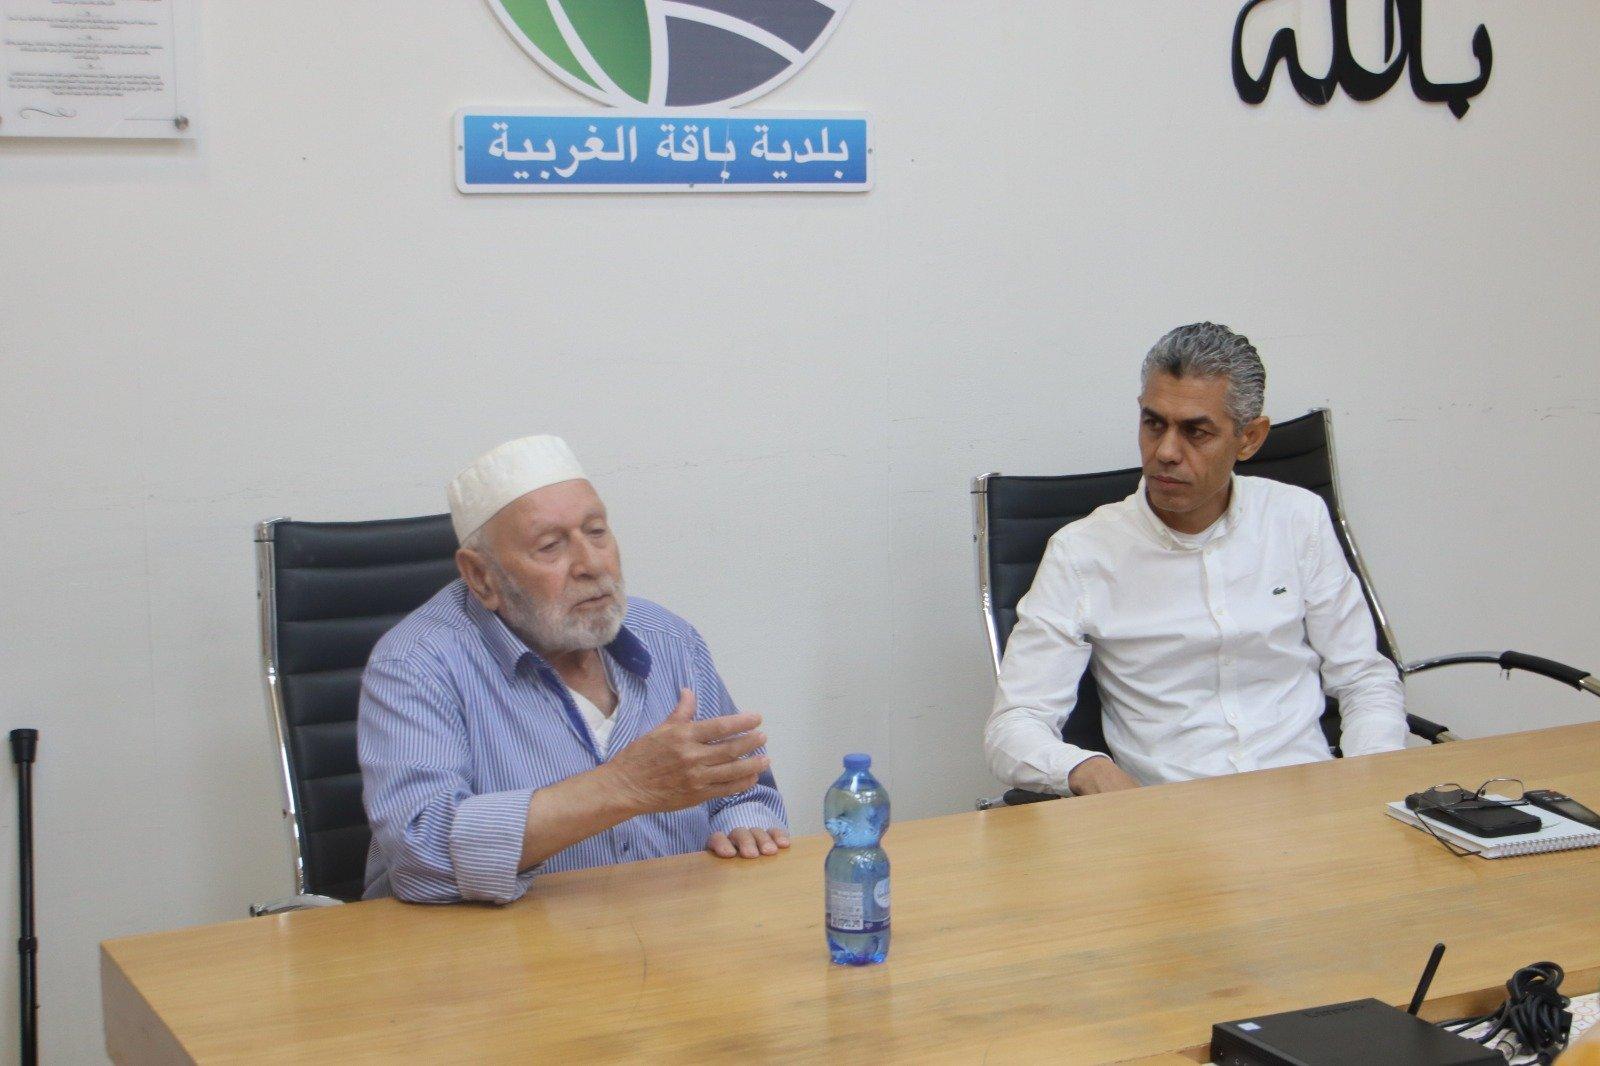 وفد وإدانة حادثة العنف التي تعرض لها رئيس باقة الغربية-5